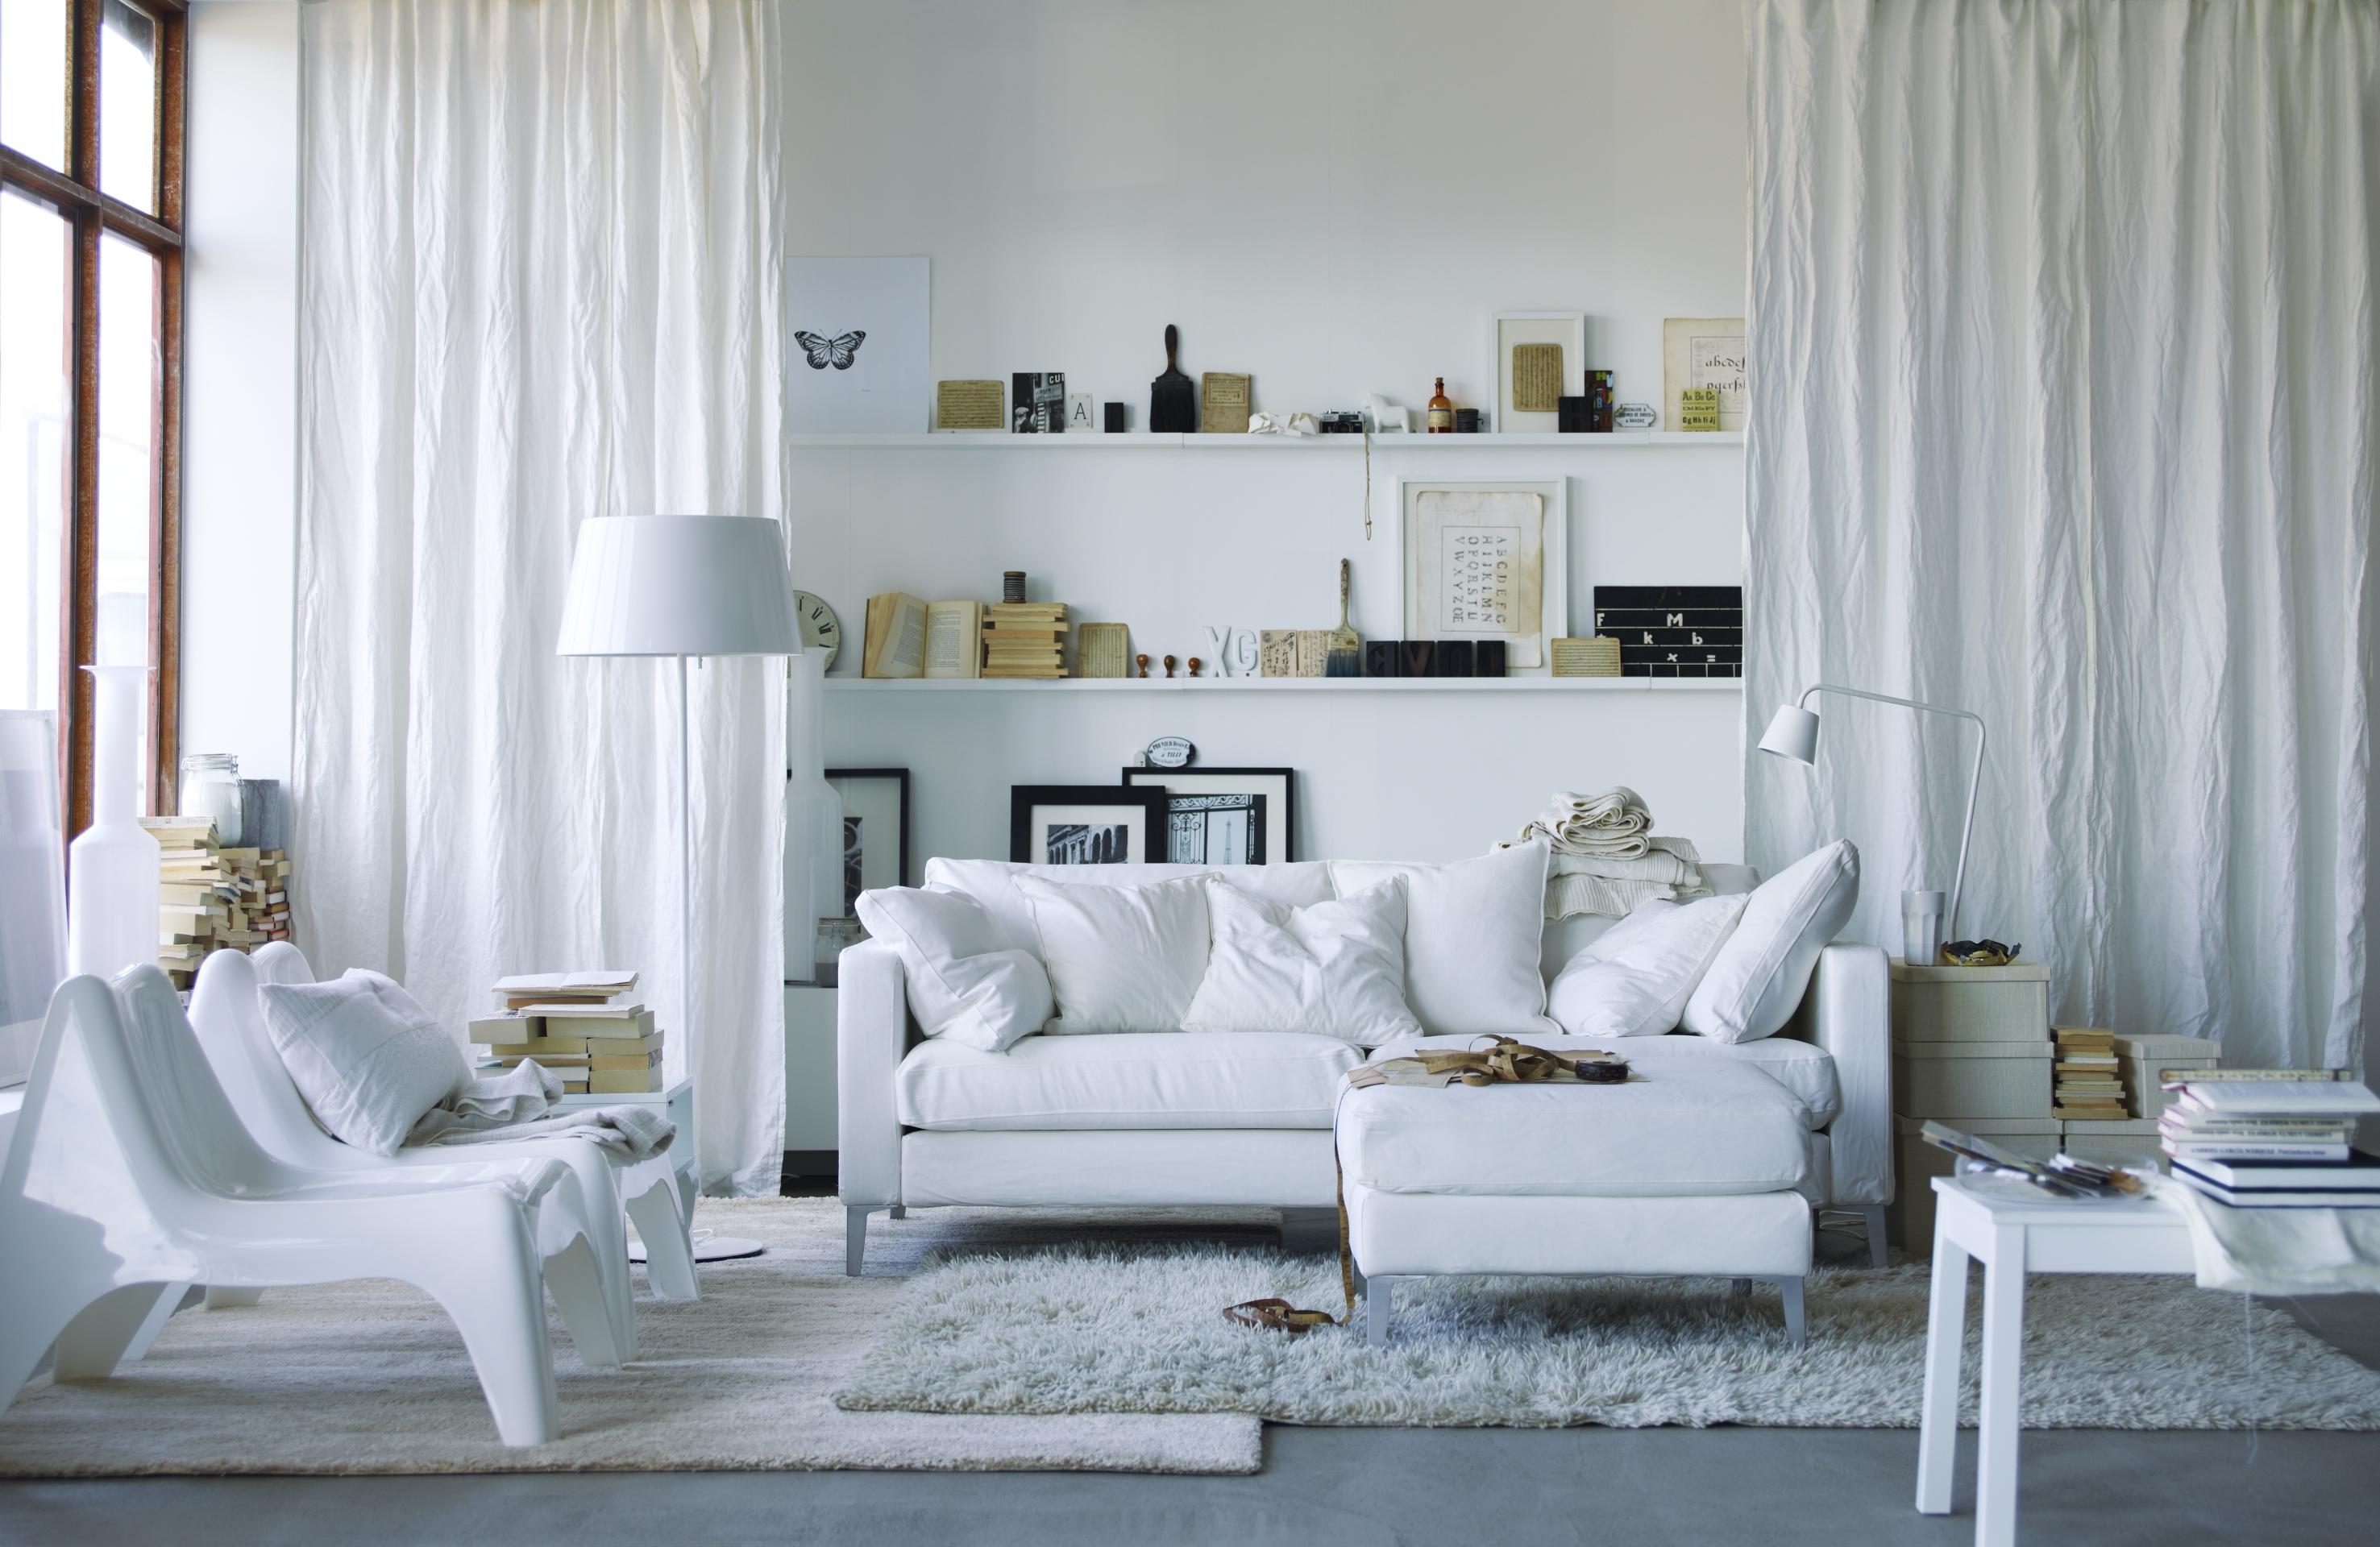 мебель икеа в интерьере 120 фото идей дизайна